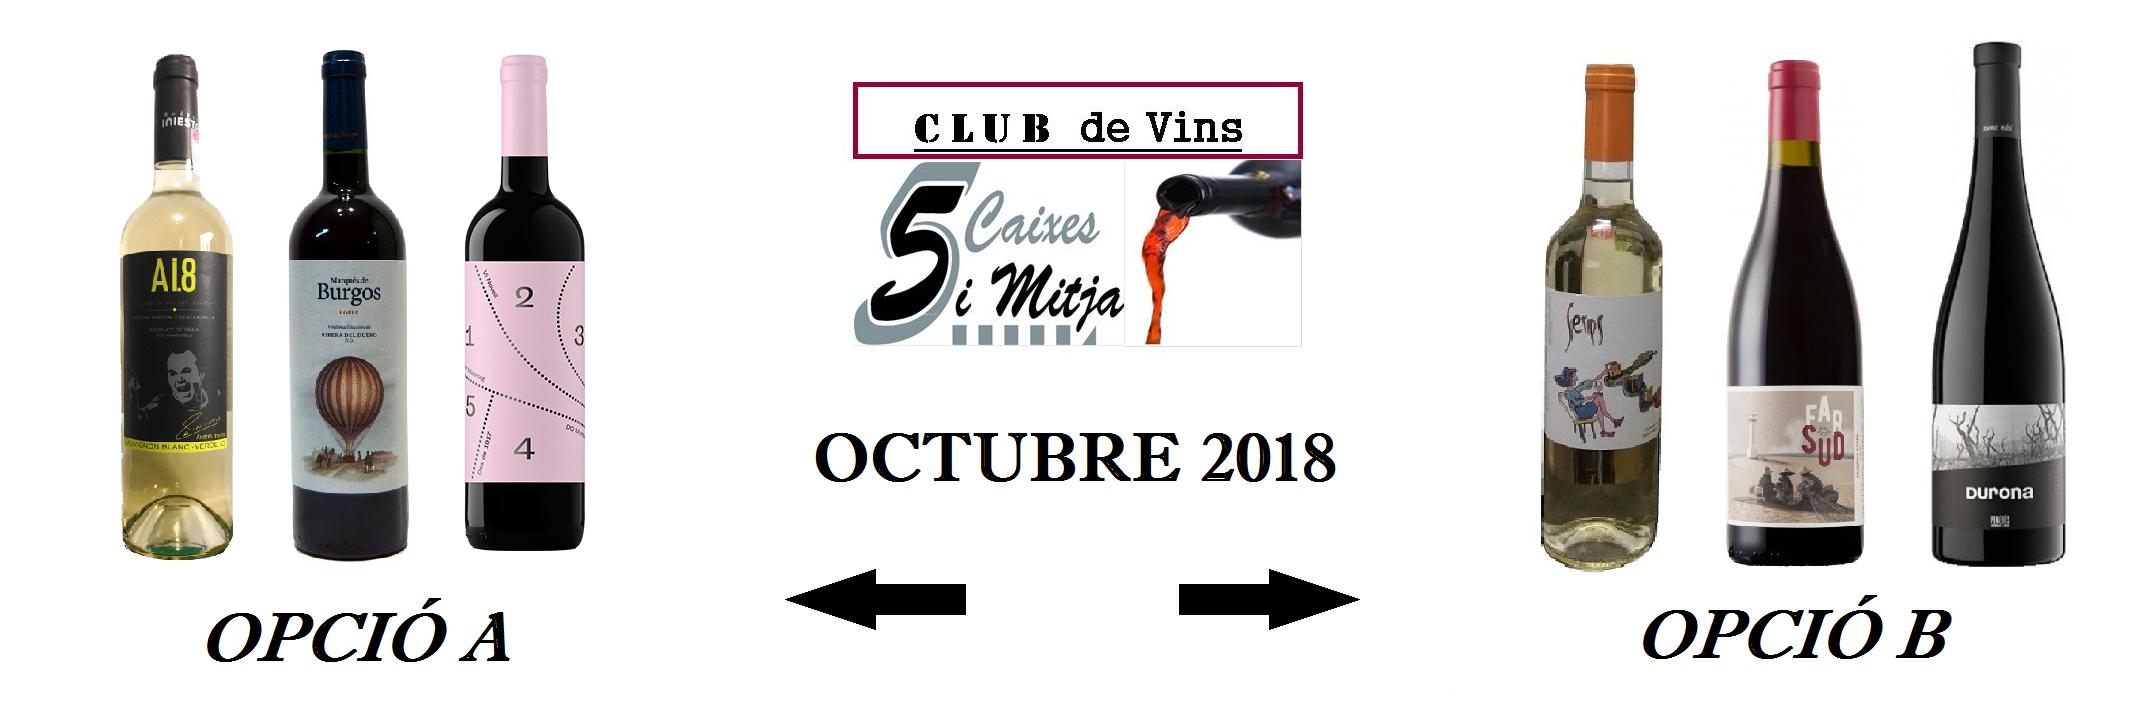 Selecció de Octubre 2018 – Club de Vins